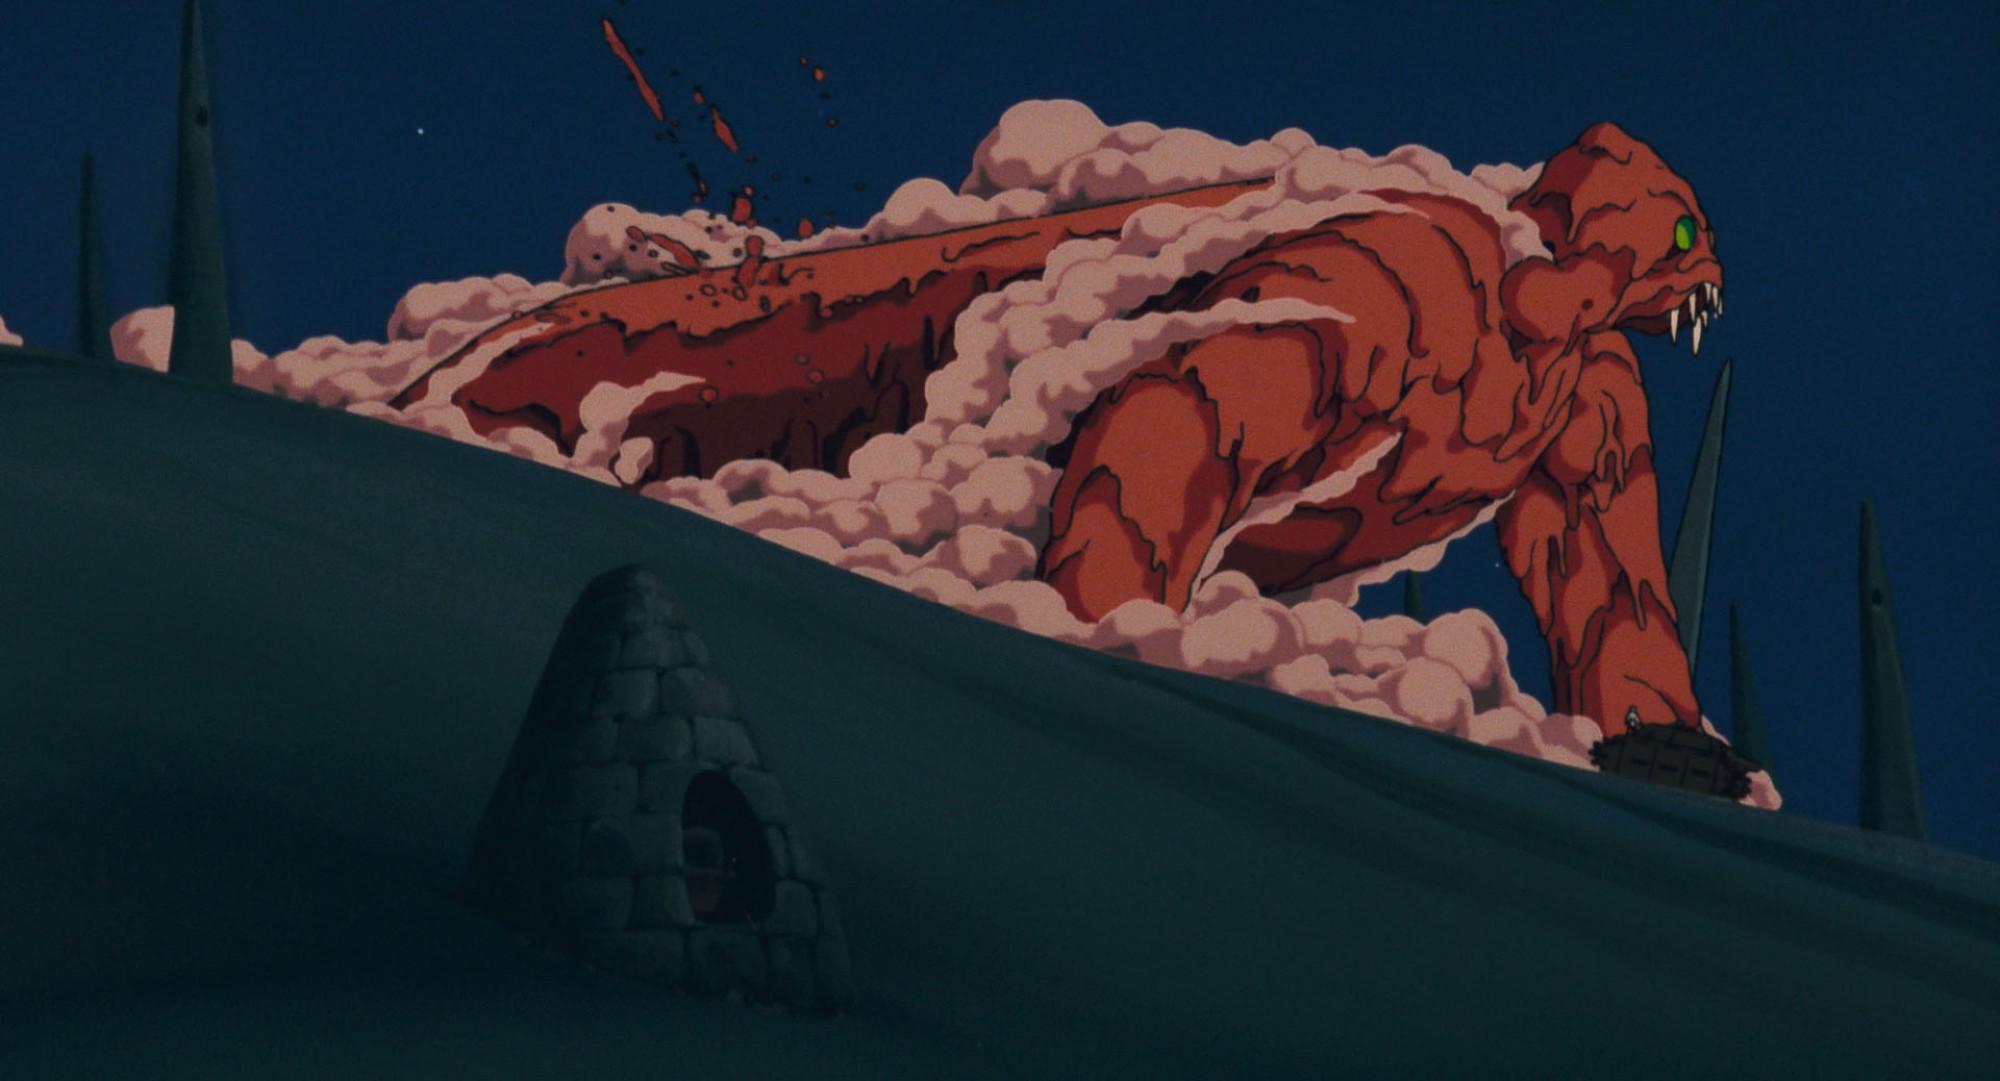 映画版では不完全な姿のまま終わる巨神兵